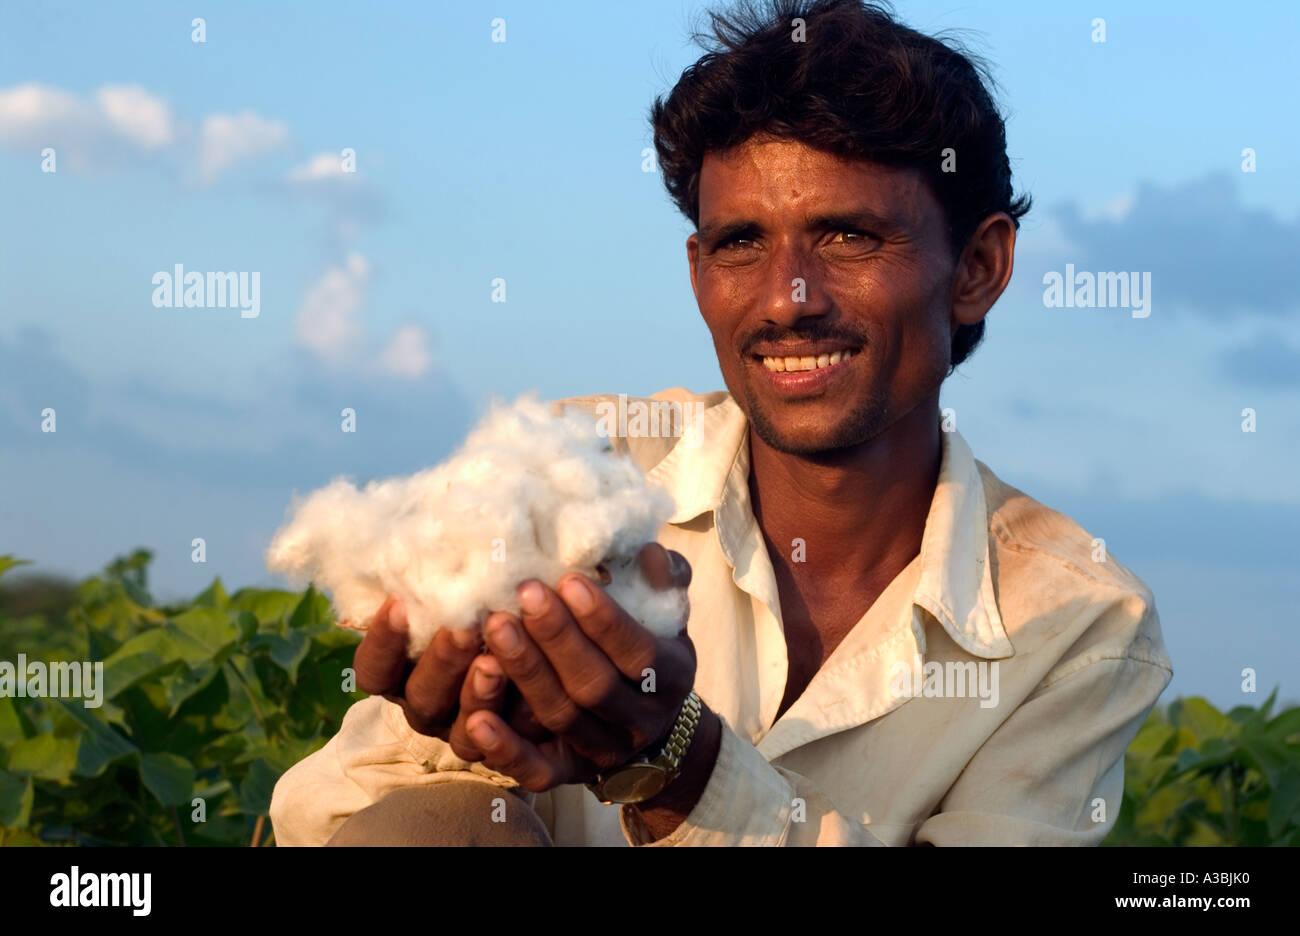 Granjero en Guajarat India cultiva algodón que él vende bajo el esquema de Comercio Justo Fairtrade a Imagen De Stock